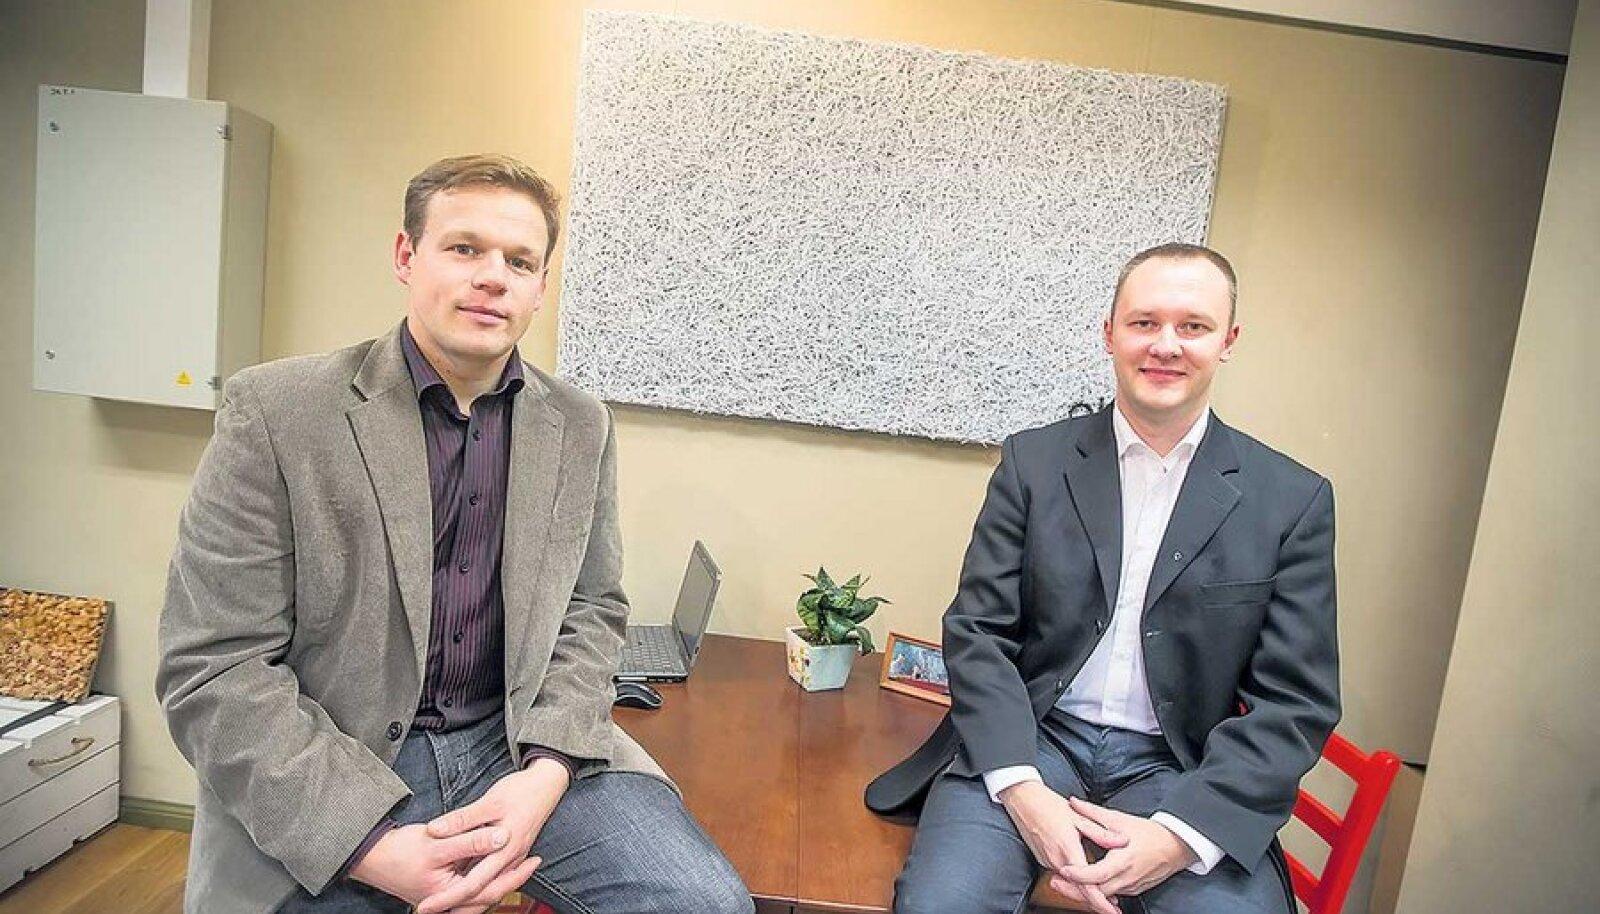 Margus Siilik (vasakul) ja Mikk Männiste ütlevad, et akustiline okkaplaat on ühtaegu ilus, huvitav ja kasulik – nii võibki teda kasutada disainielemendina nii galeriides kui ka heliruumides.